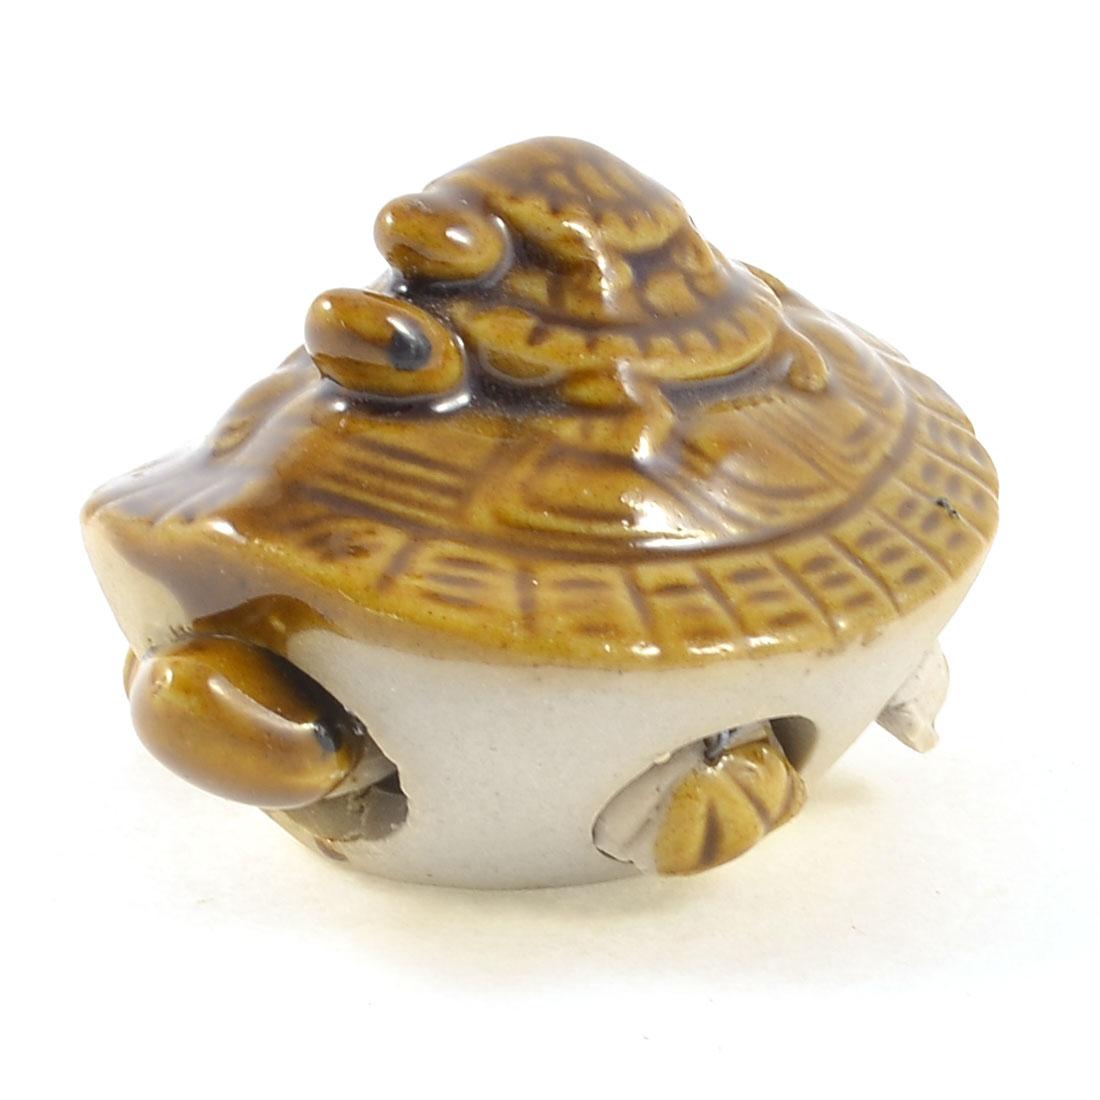 Fish Tank Aquarium Decoration Brown Ceramic Simulation Tortoise Toy